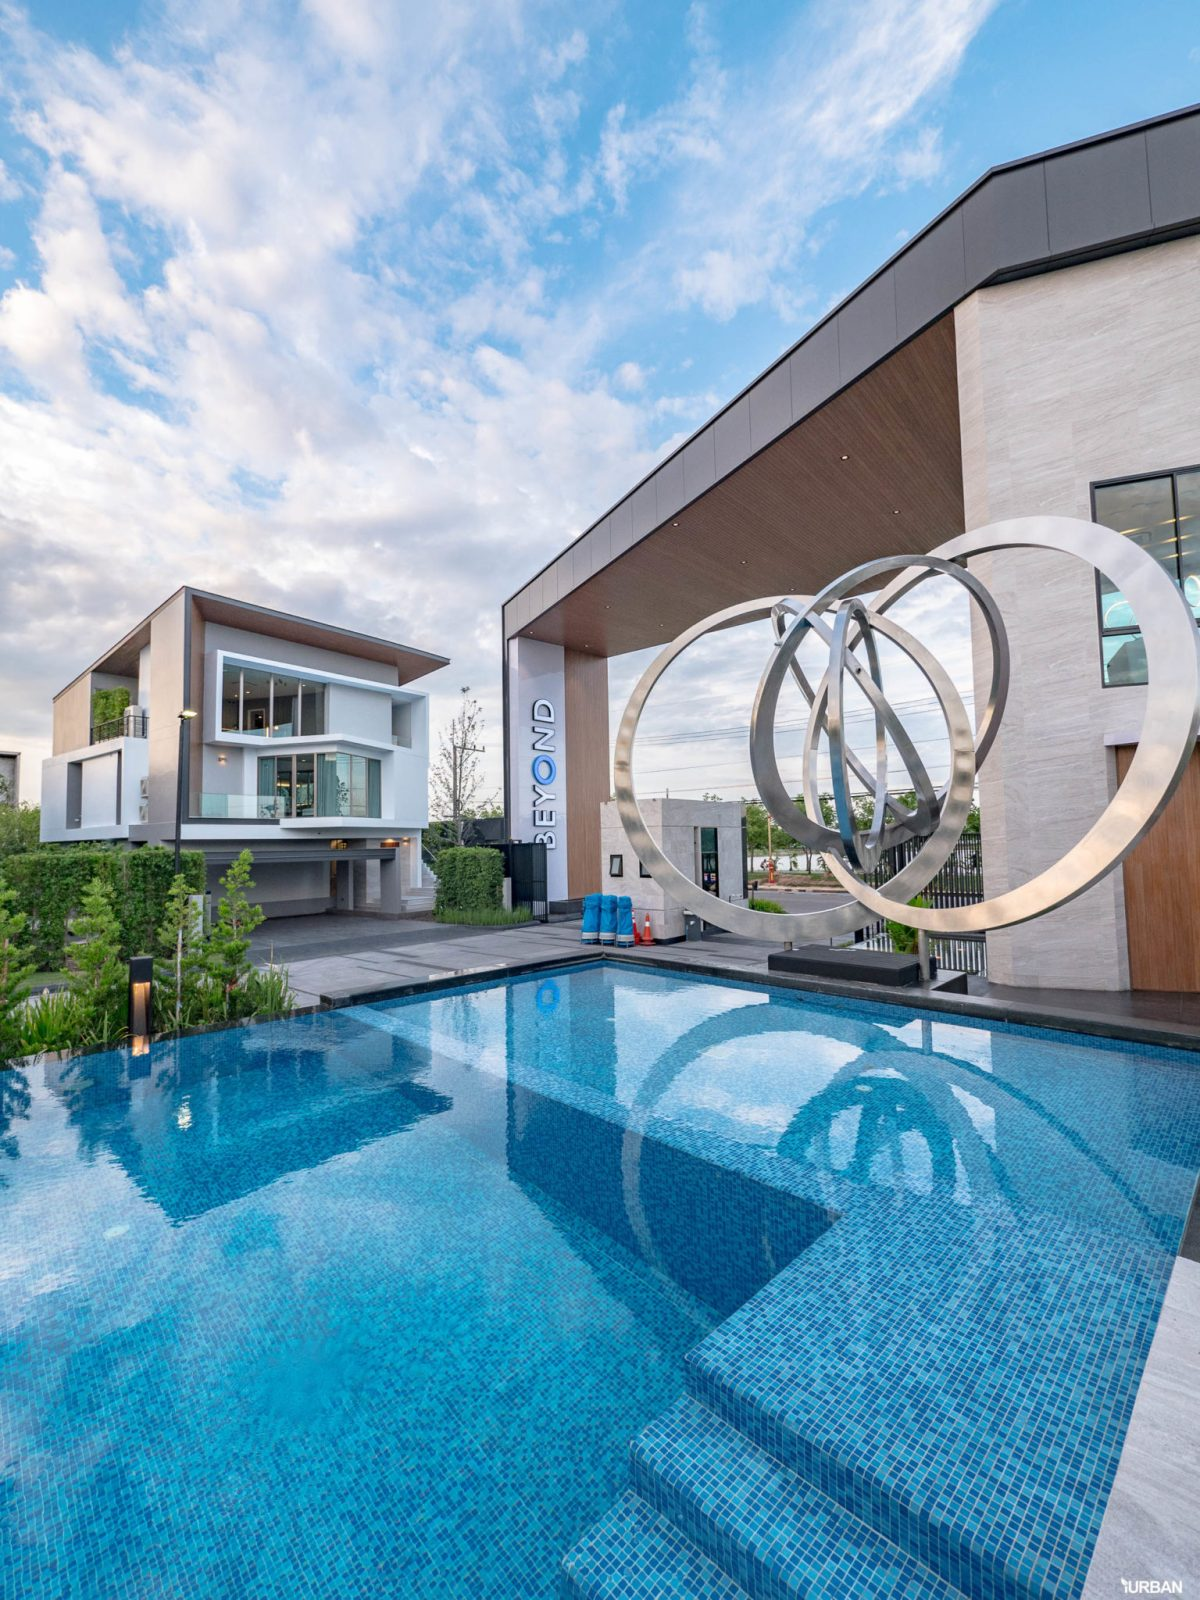 รีวิว Nirvana BEYOND Udonthani บ้านเดี่ยว 3 ชั้น ดีไซน์บิดสุดโมเดิร์น บนที่ดินสุดท้ายหน้าหนองประจักษ์ 350 - Luxury